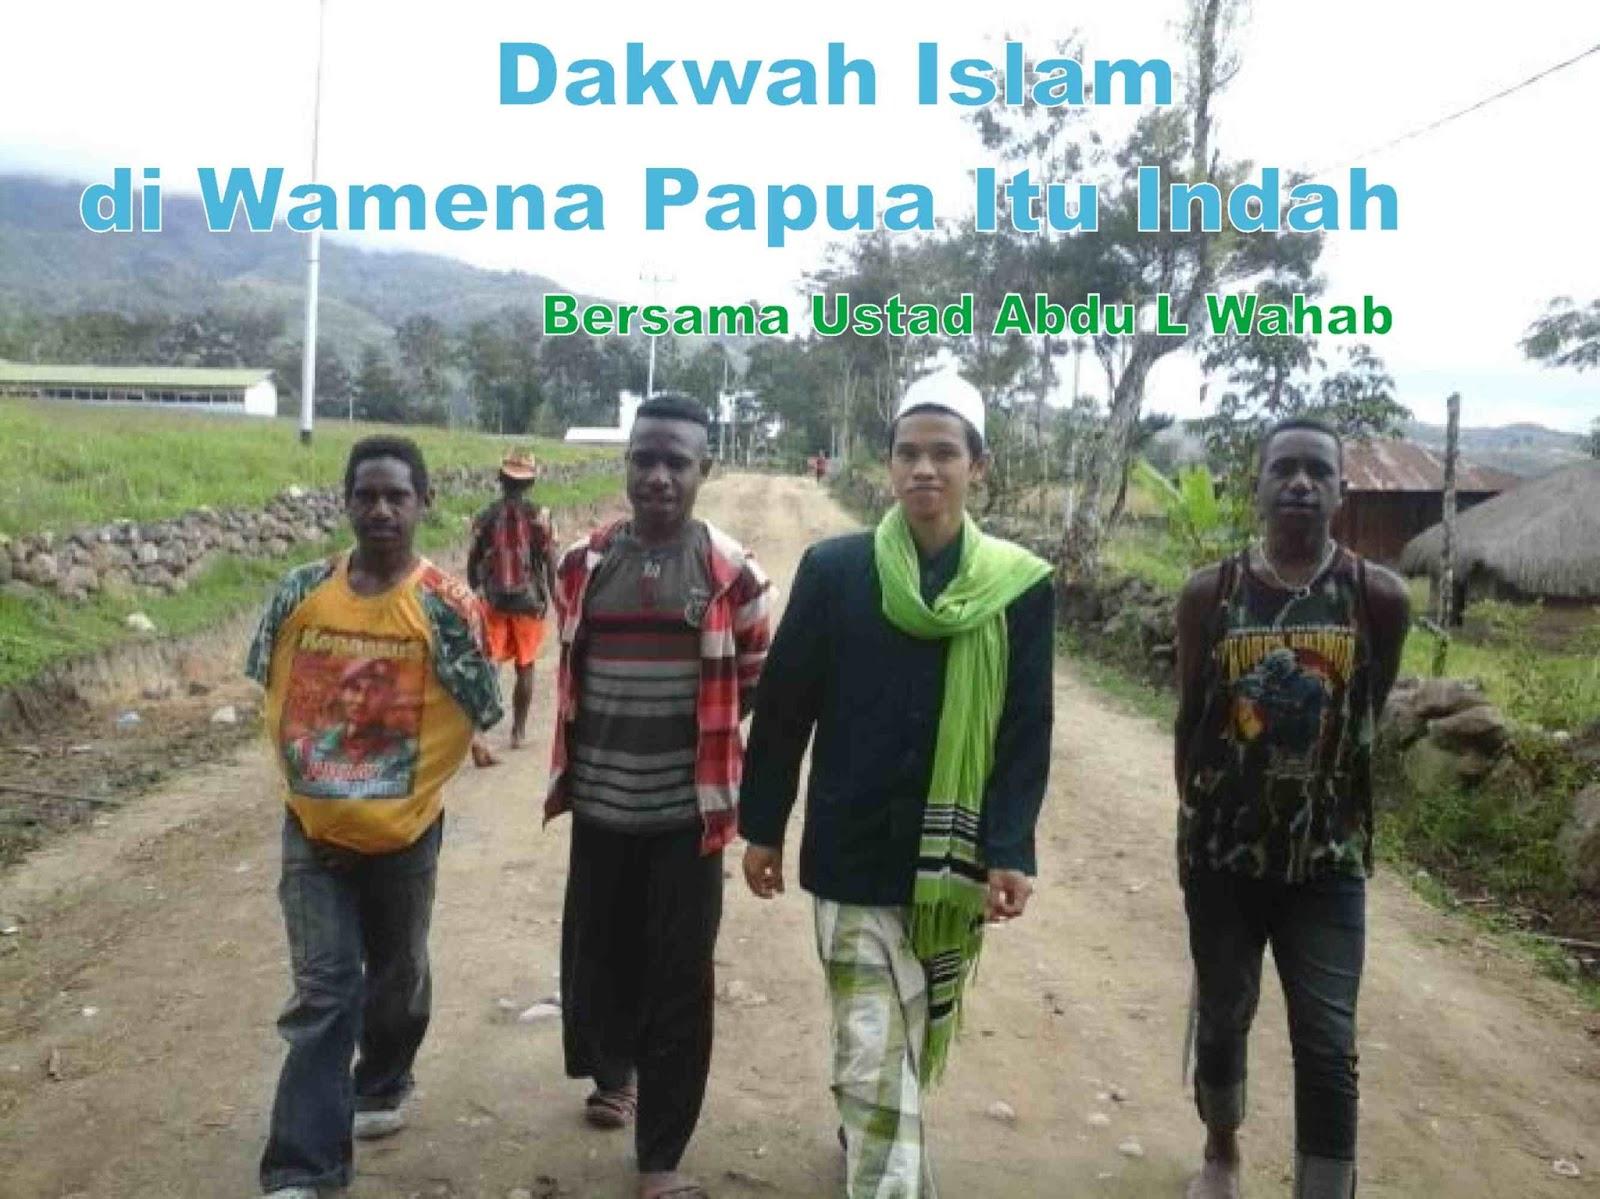 43 Meme Lucu Orang Papua Keren Dan Terbaru Kumpulan Gambar Meme Lucu